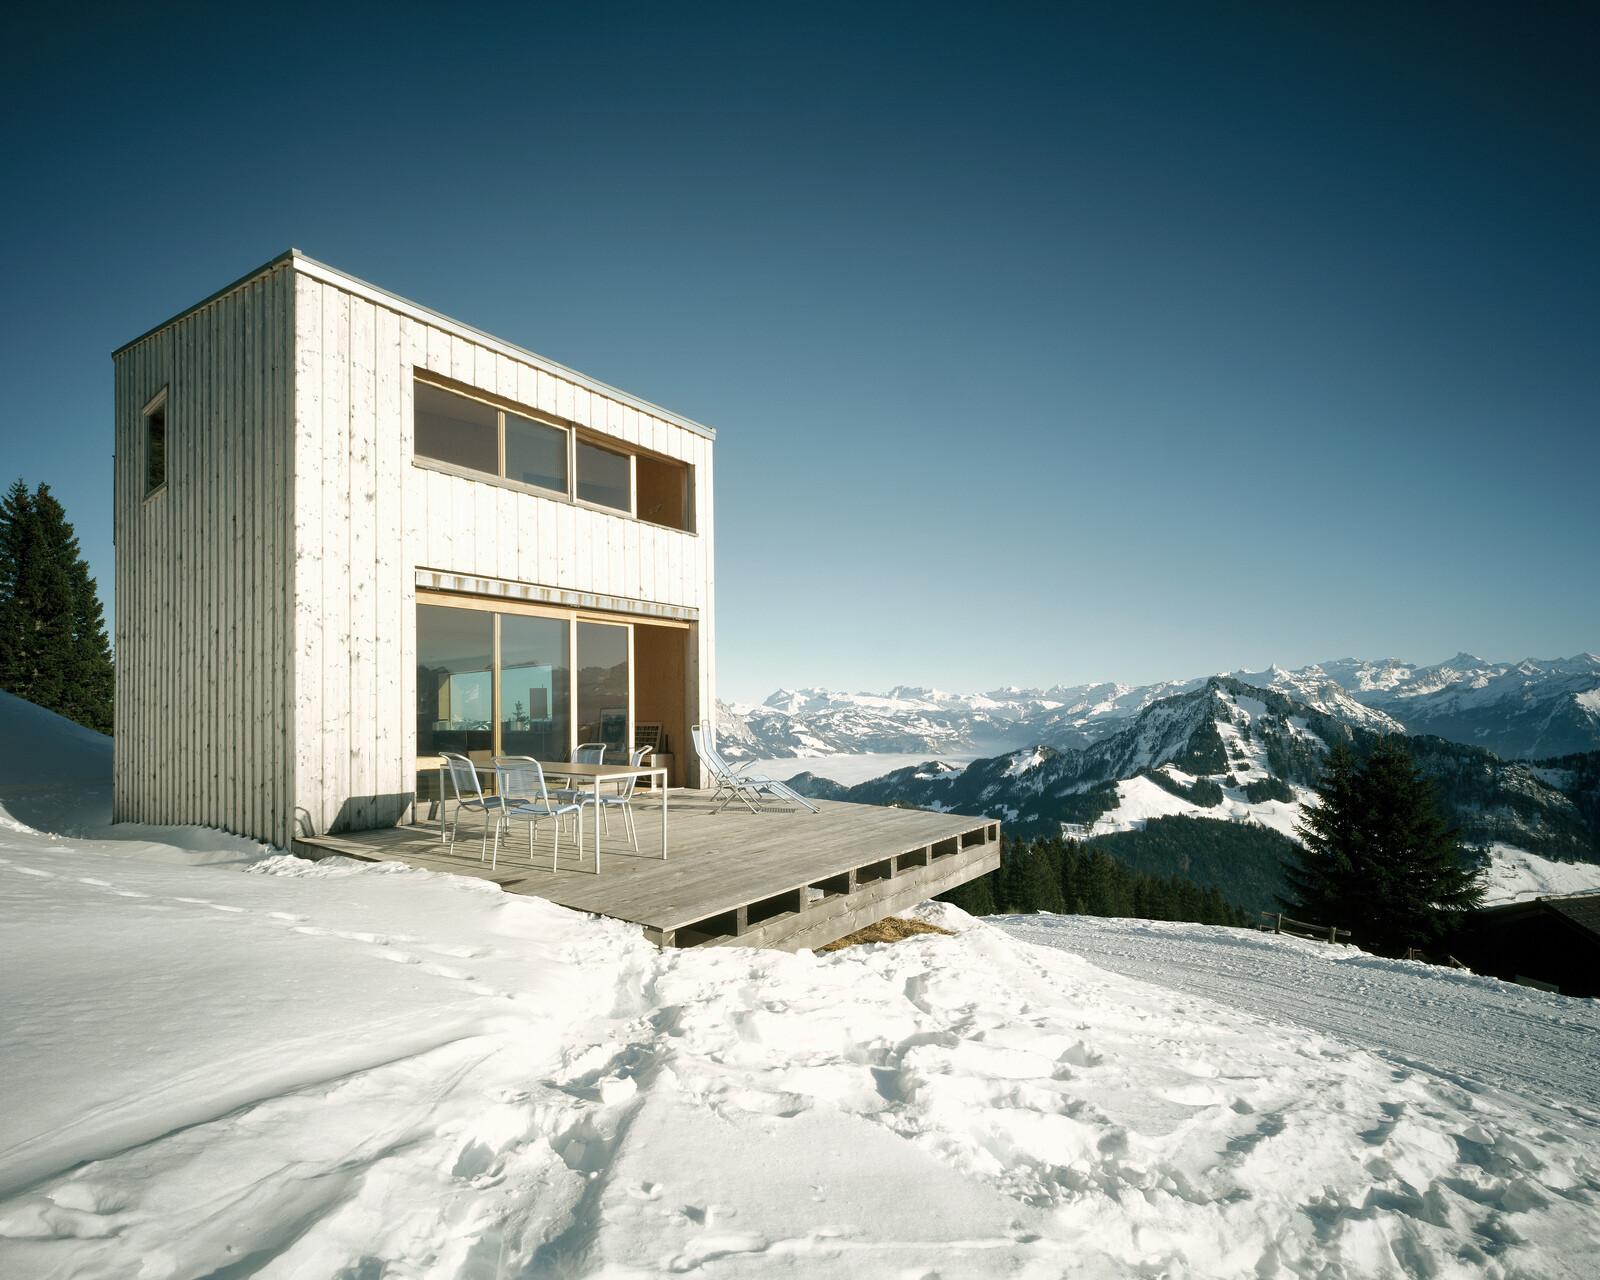 Andreas Fuhrimann Gabrielle Hächler Architekten ETH/BSA